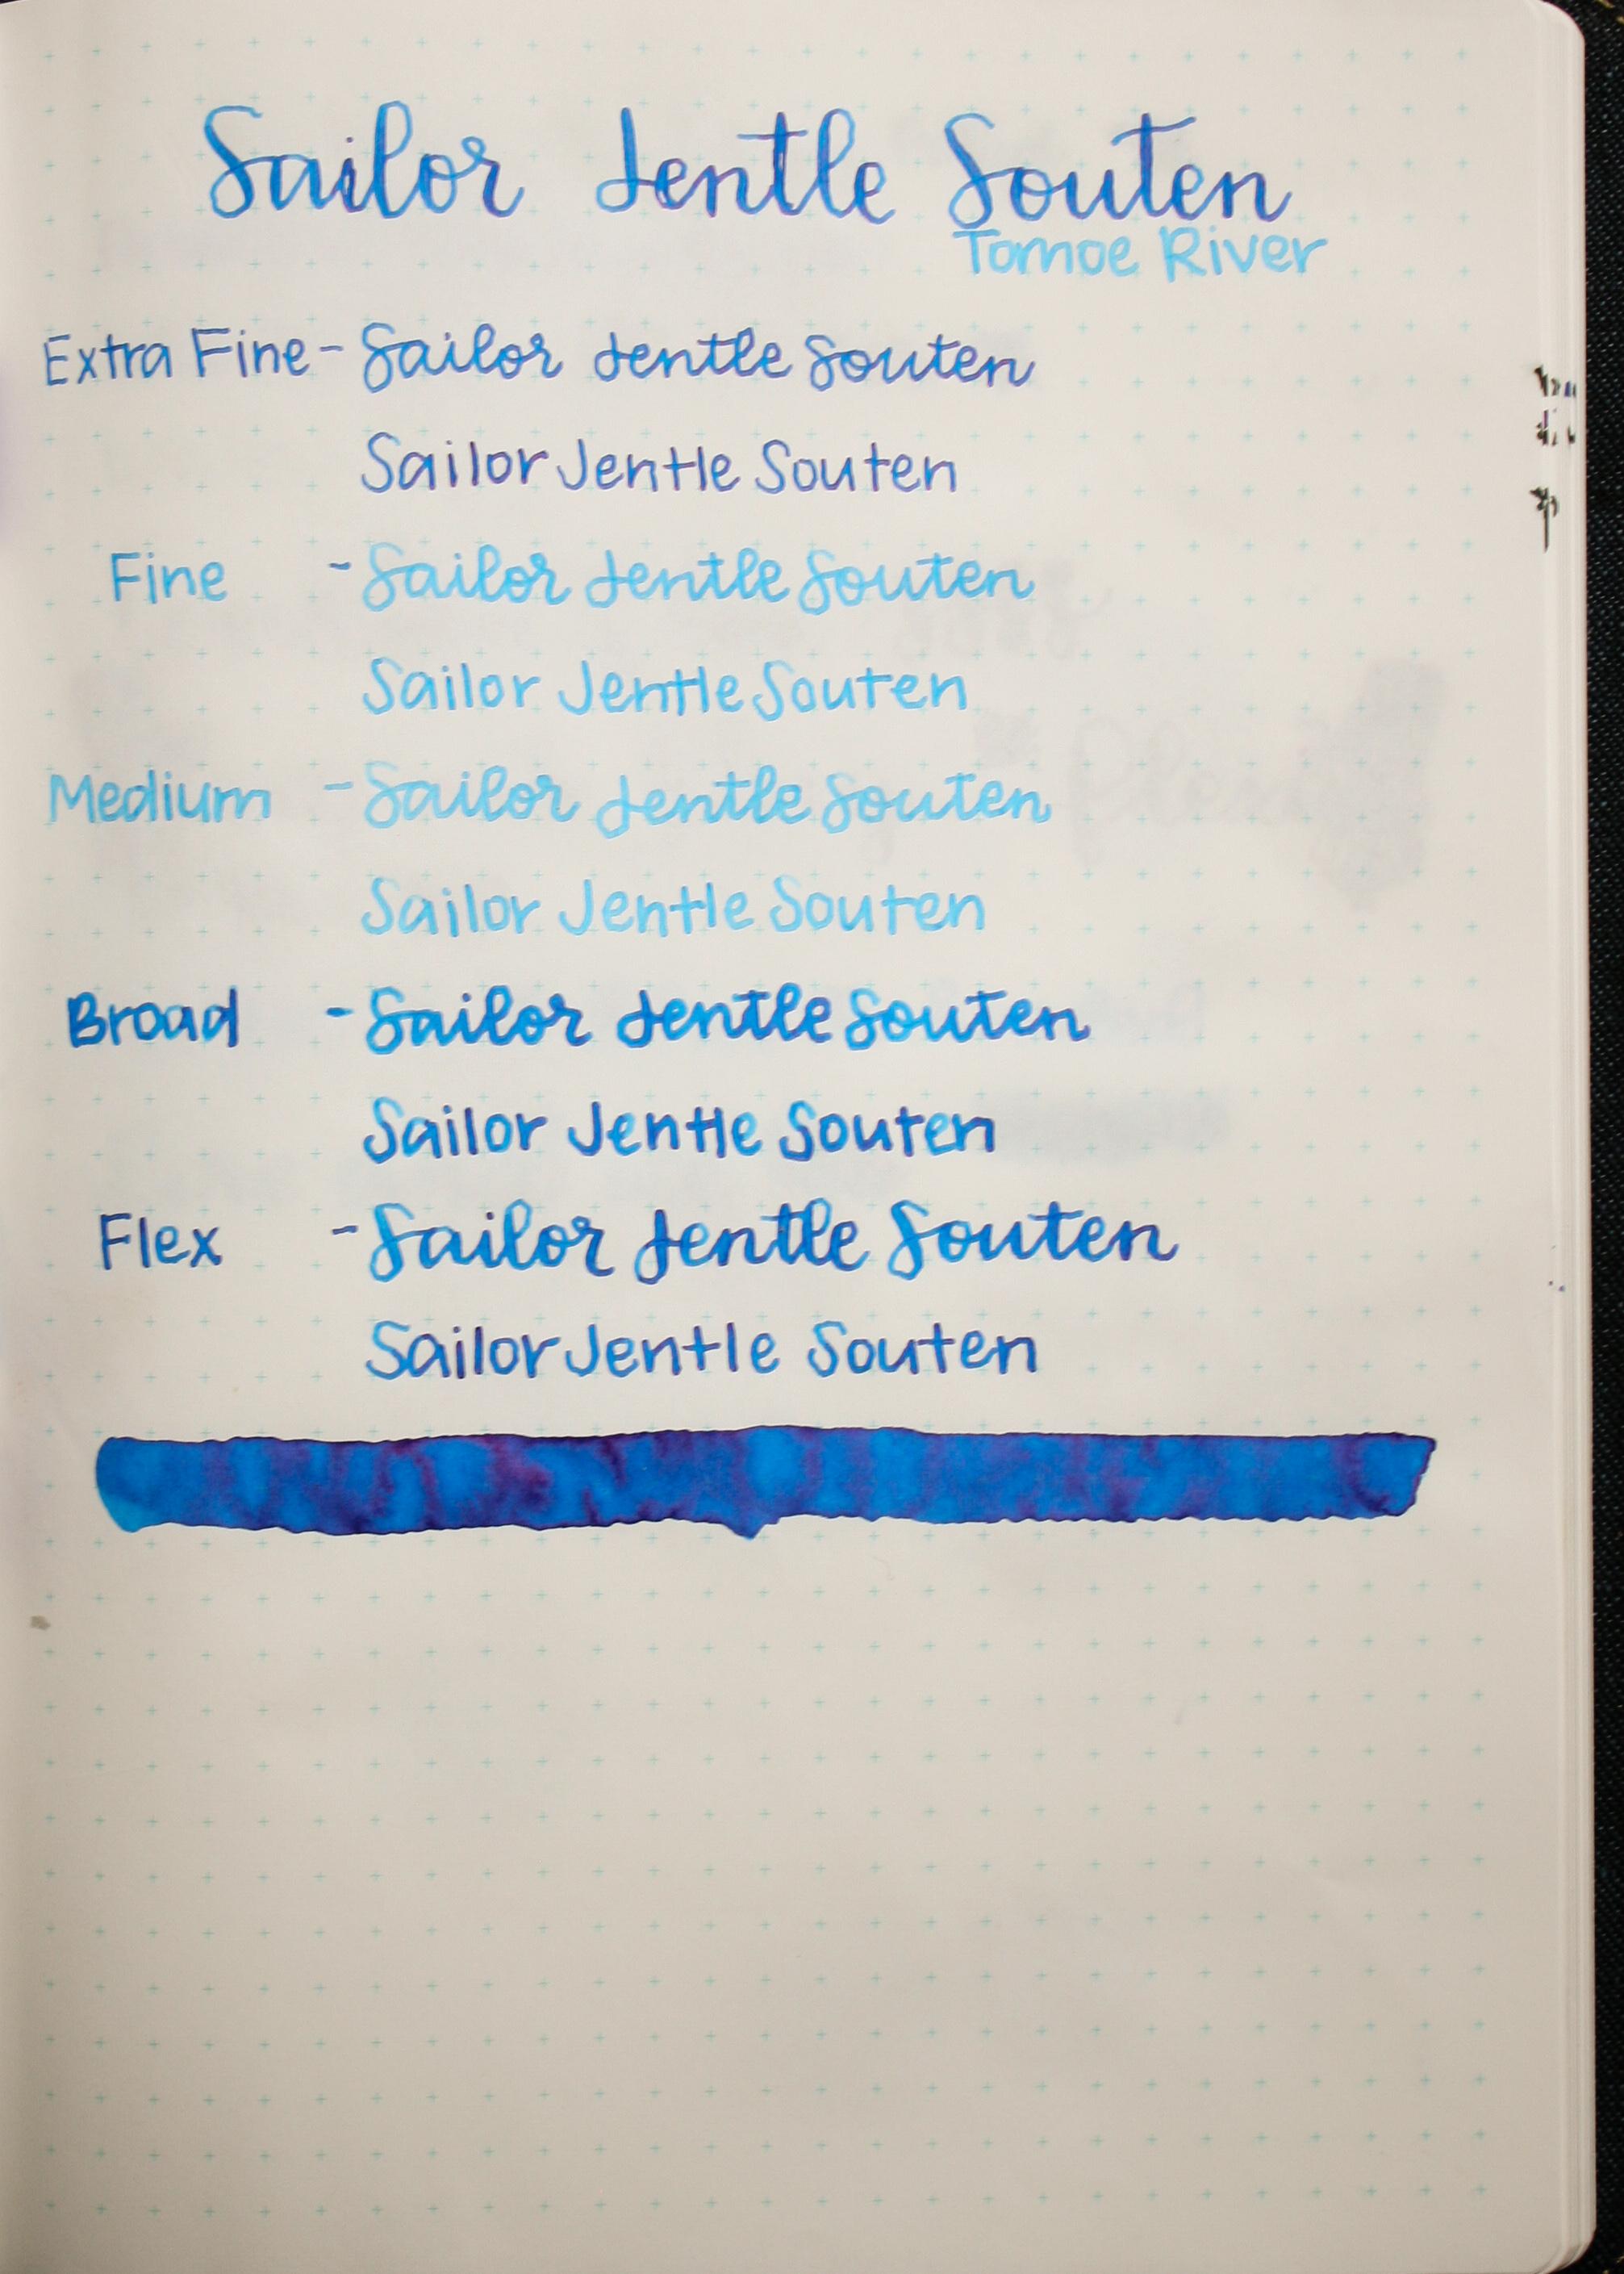 SailorJentleSouten-014.jpg